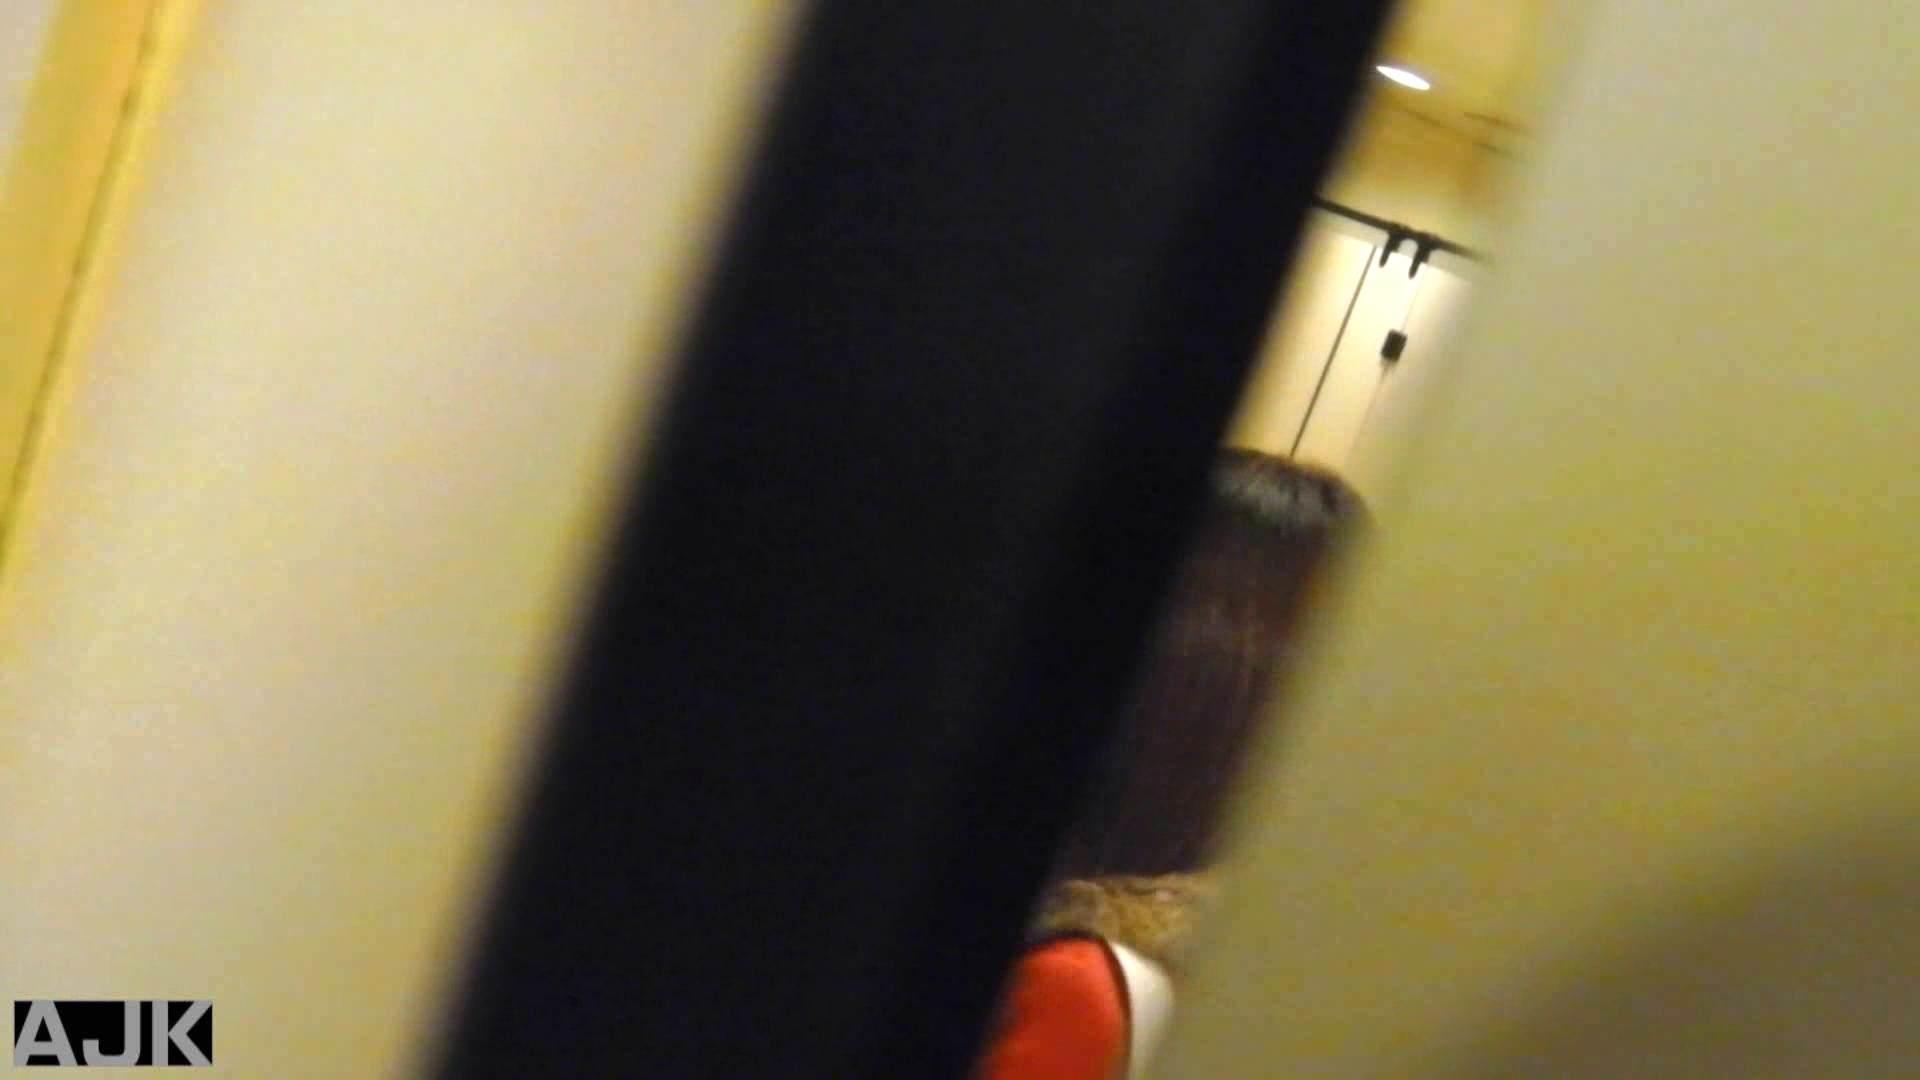 神降臨!史上最強の潜入かわや! vol.01 オマンコギャル セックス画像 71連発 67